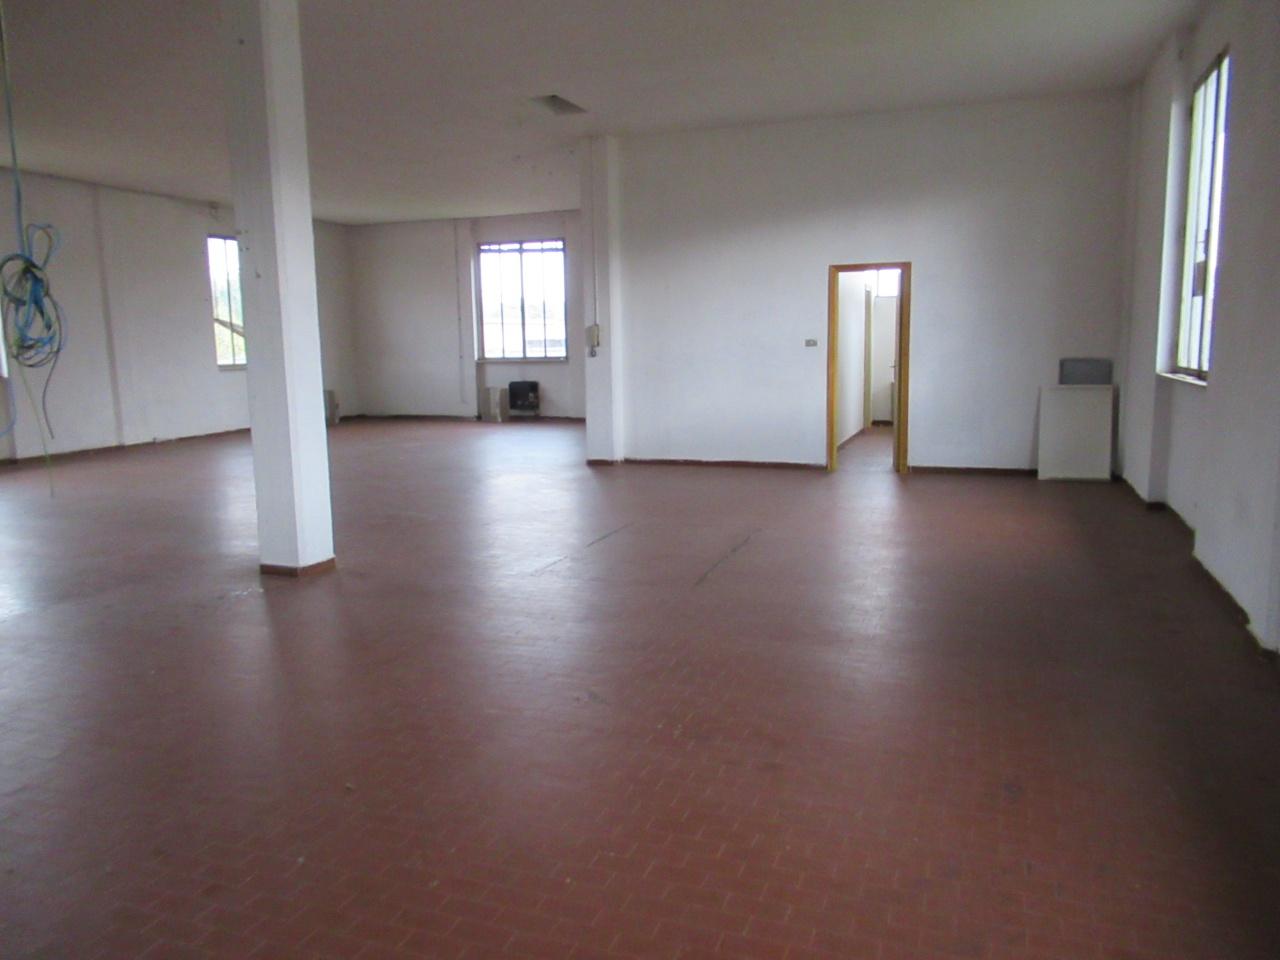 Laboratorio in affitto a Vicchio, 9999 locali, Trattative riservate | CambioCasa.it